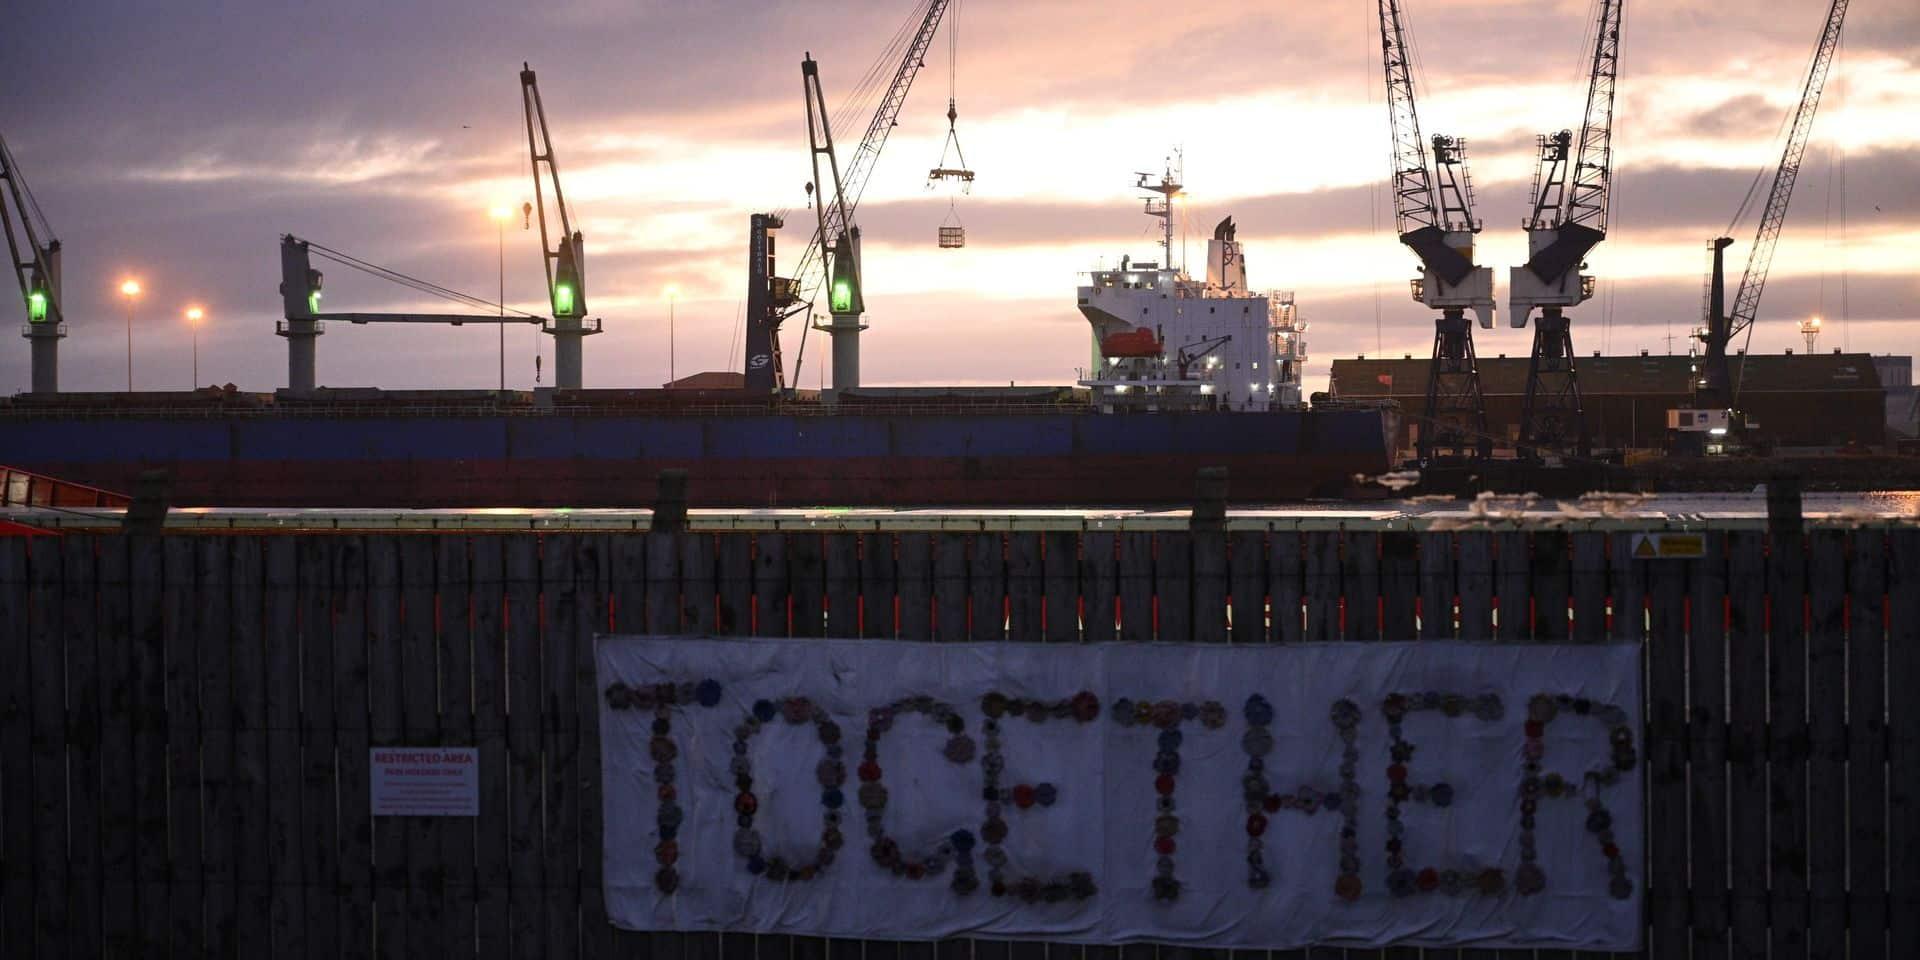 Tout était calme dans les ports des deux côtés de la Manche ce 1er janvier, mais les difficultés sont sans doute à venir.